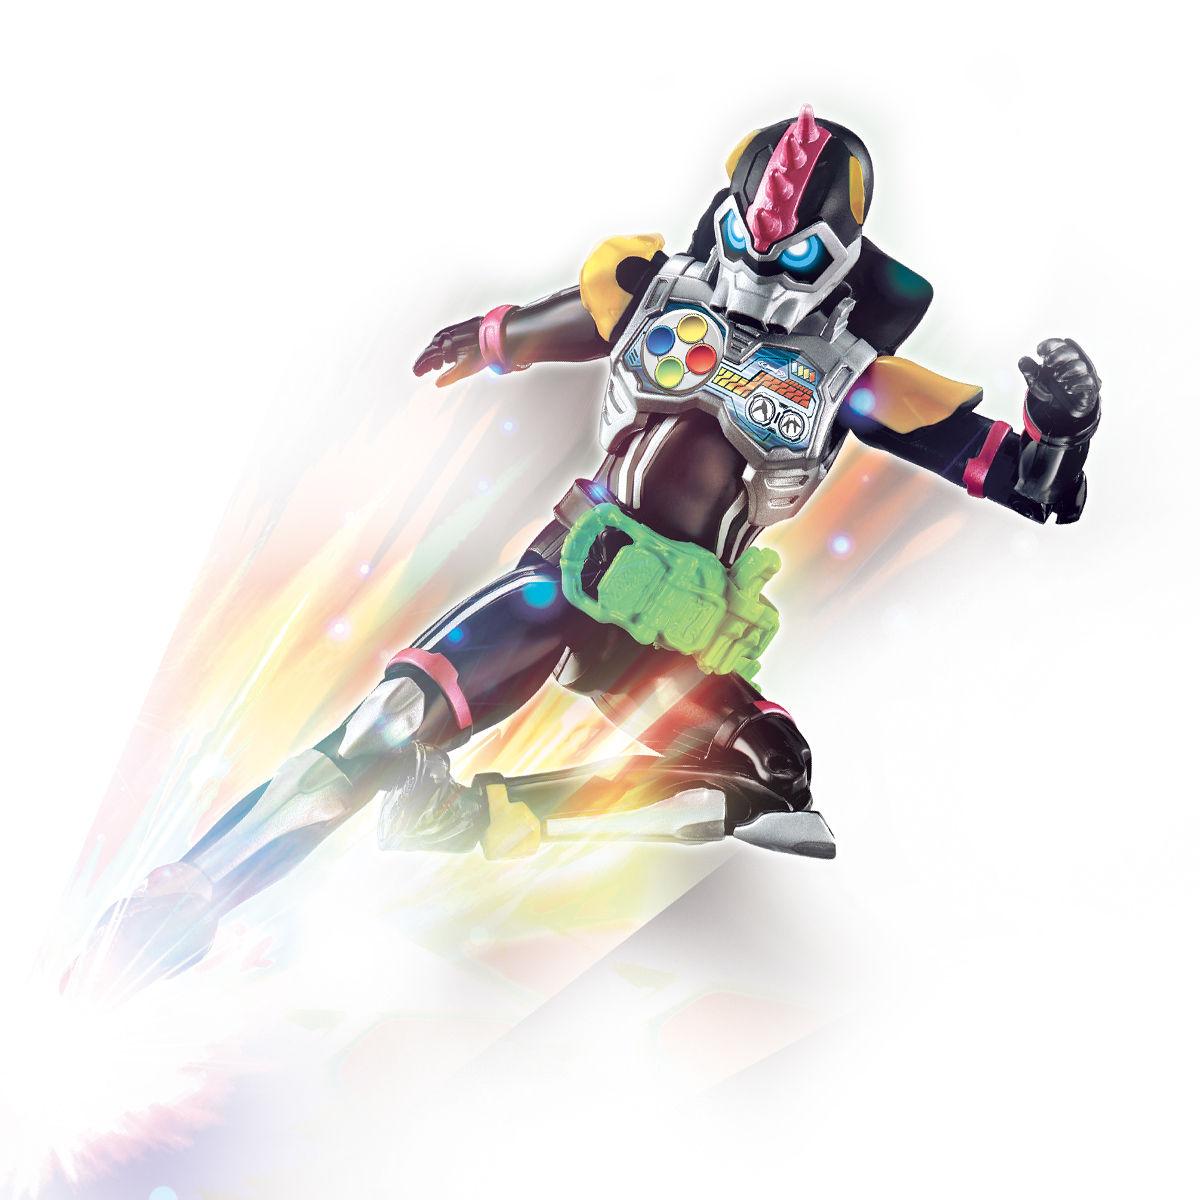 RKFレジェンドライダーシリーズ『仮面ライダーレーザーターボ バイクゲーマー レベル0』可動フィギュア-004